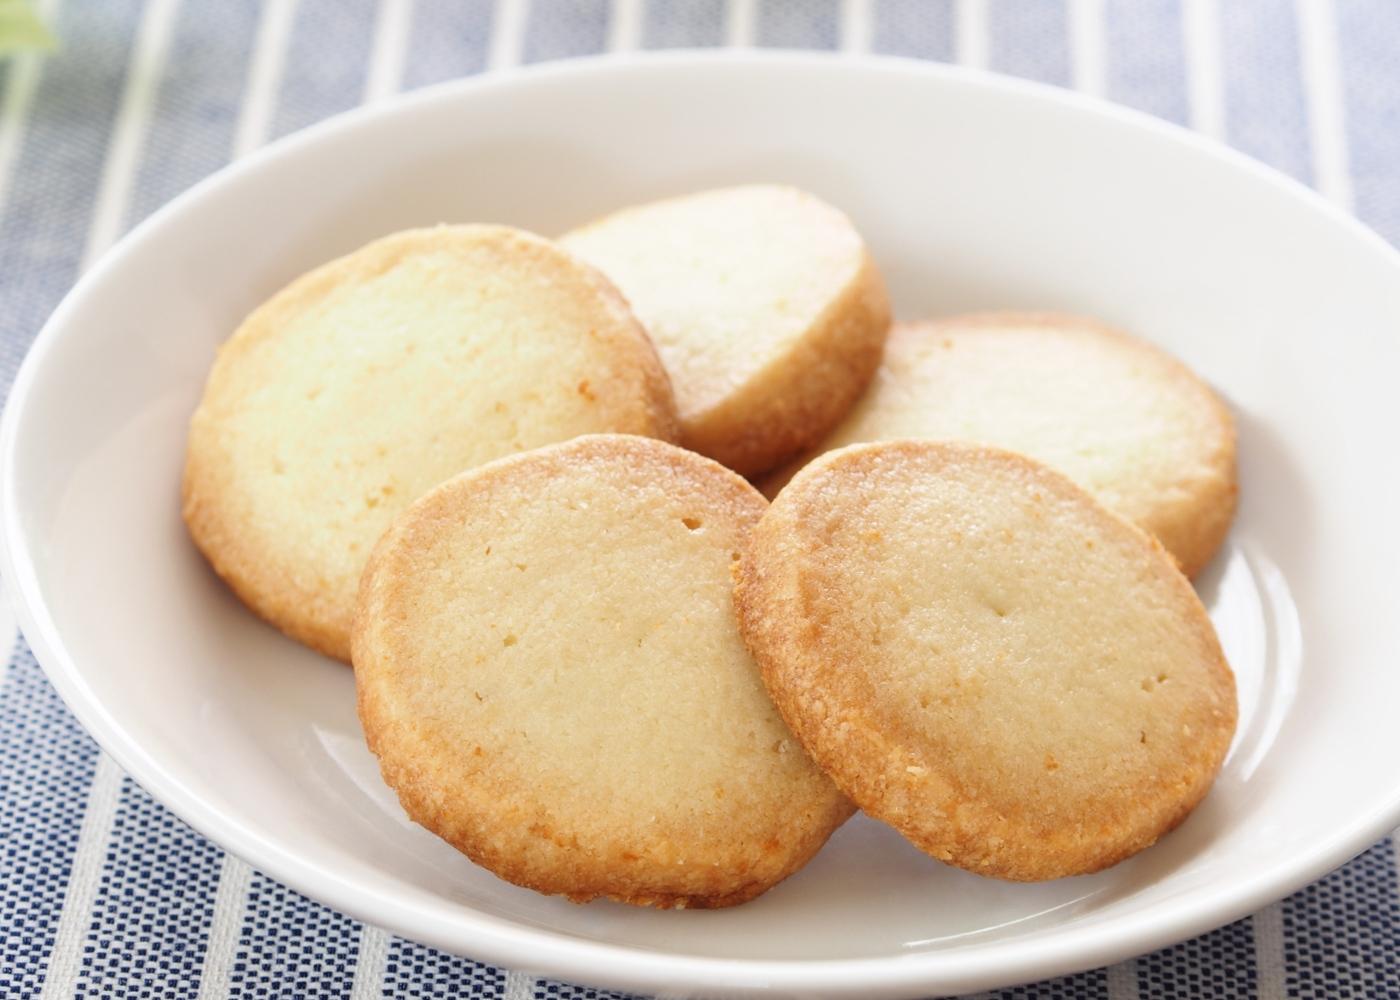 Biscoitos de manteiga e leite